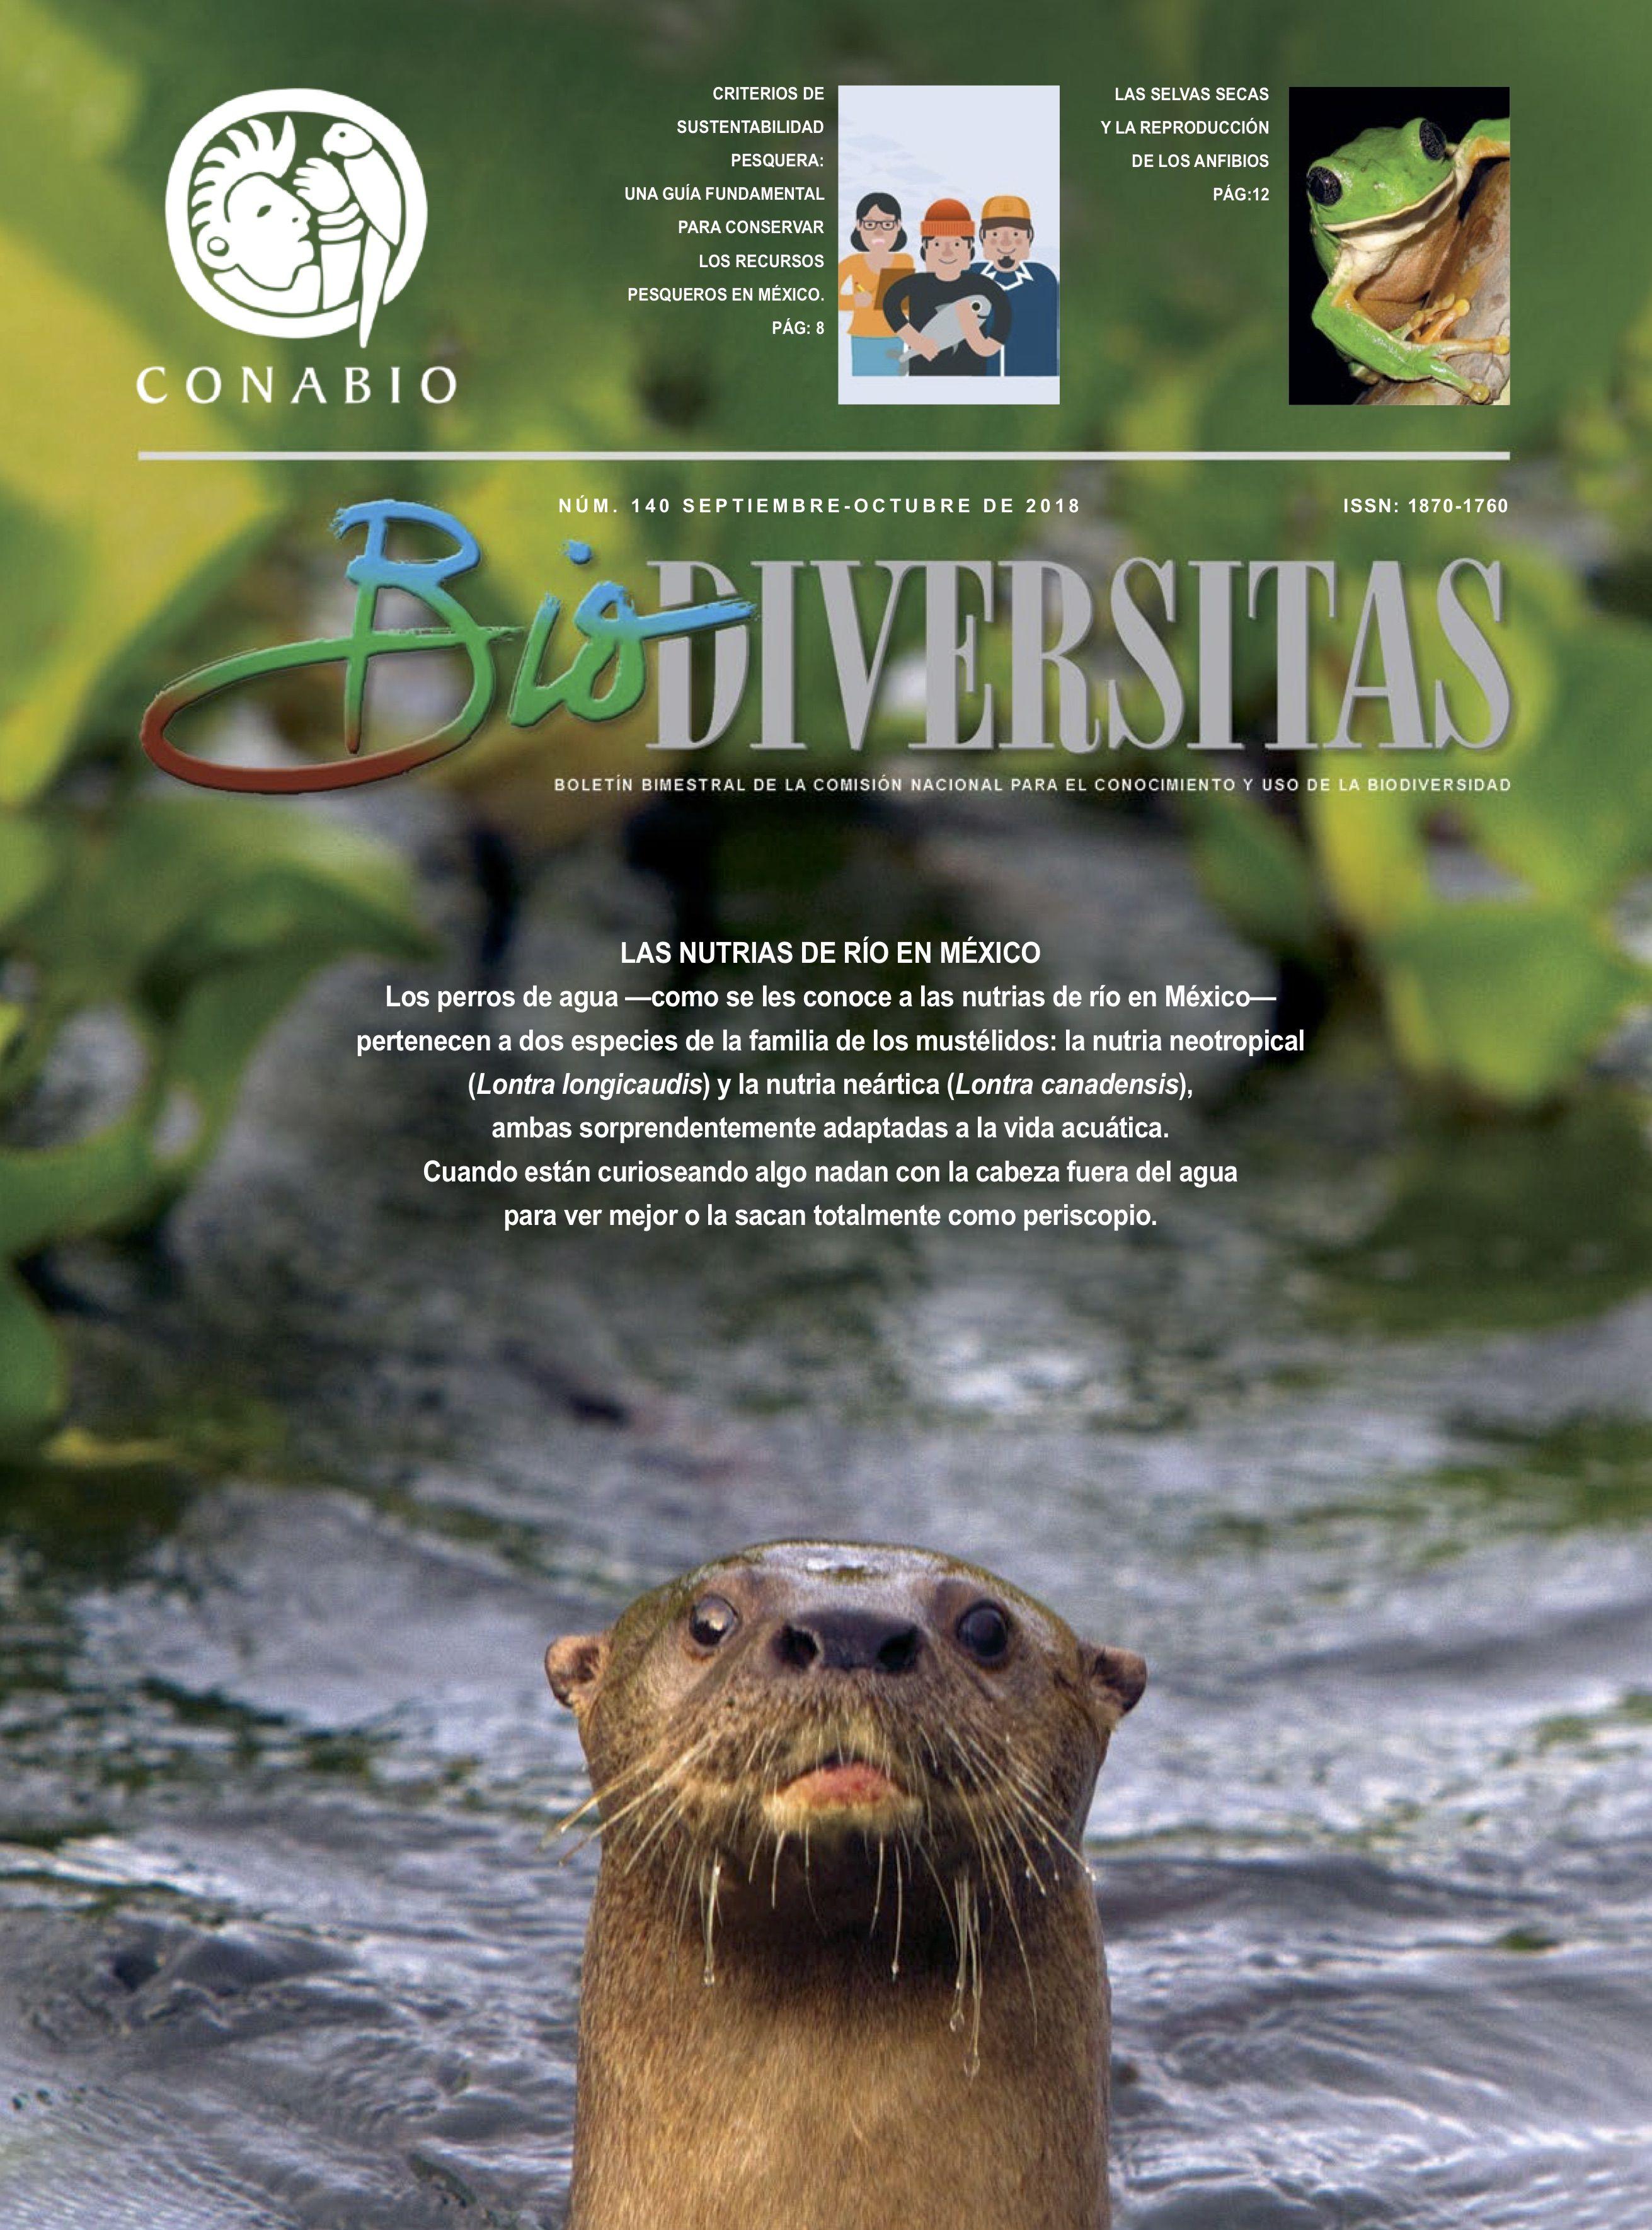 Revista Biodiversitas No. 140 CONABIO